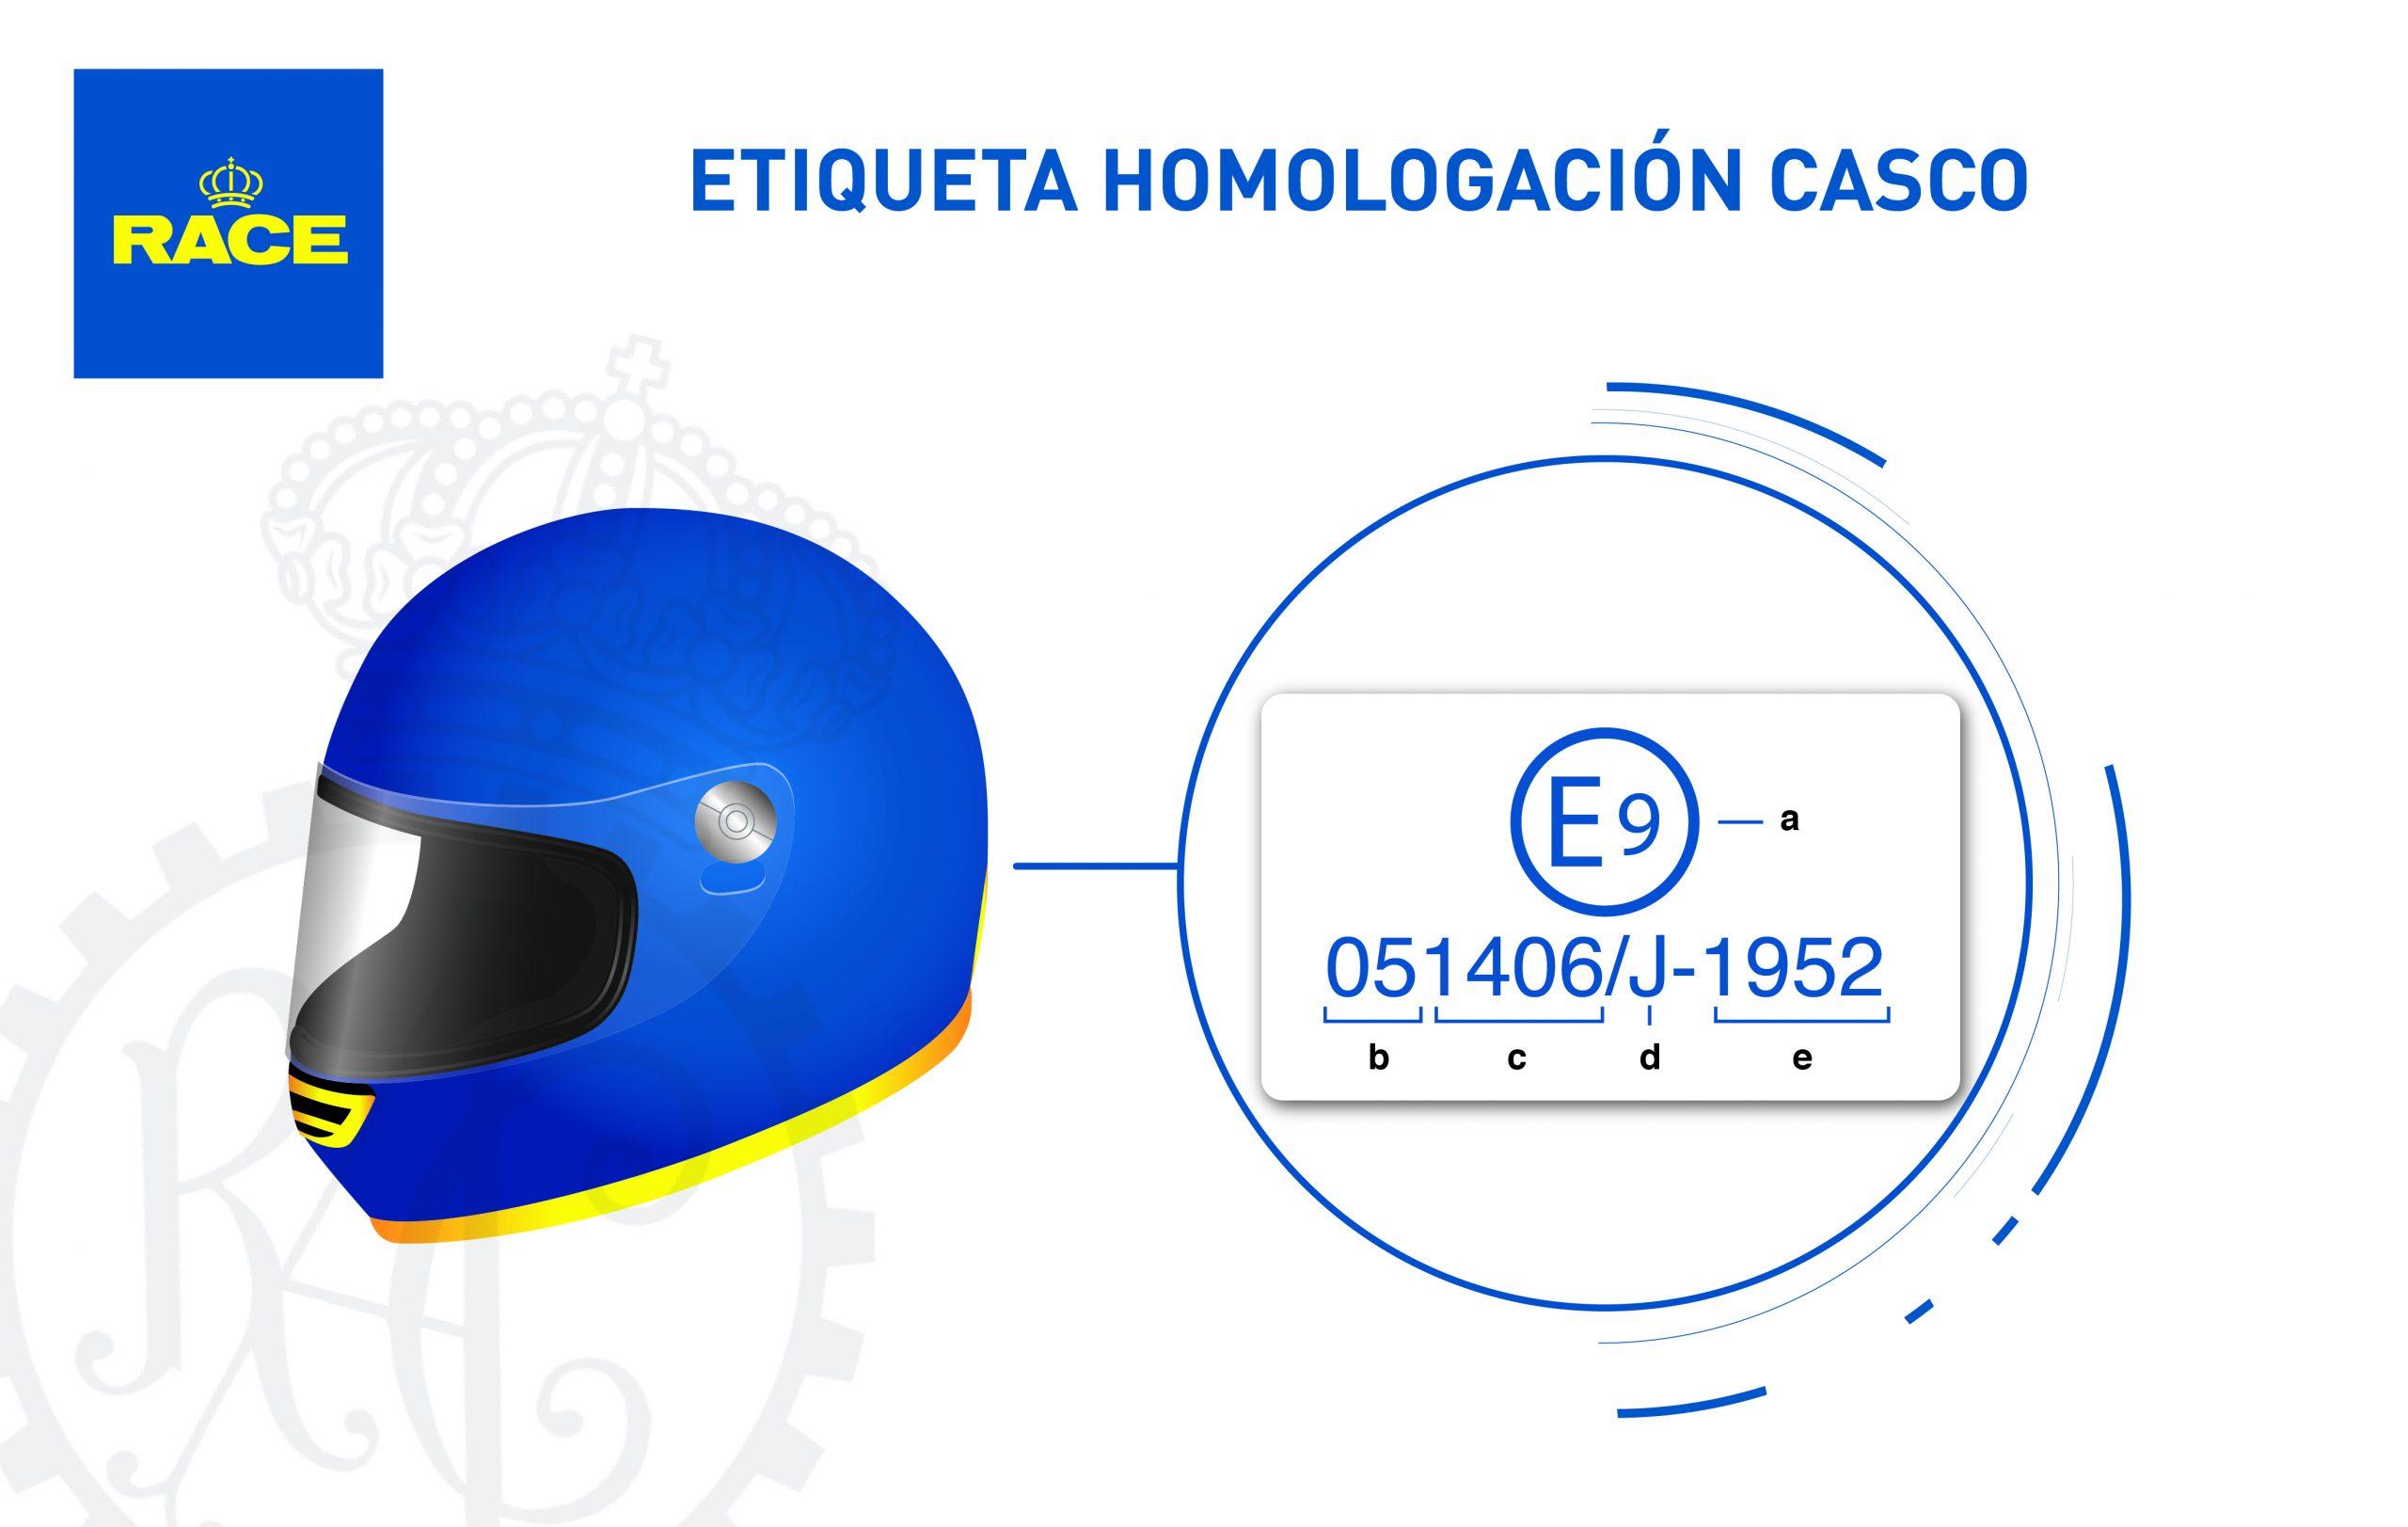 Etiqueta homologación cascos